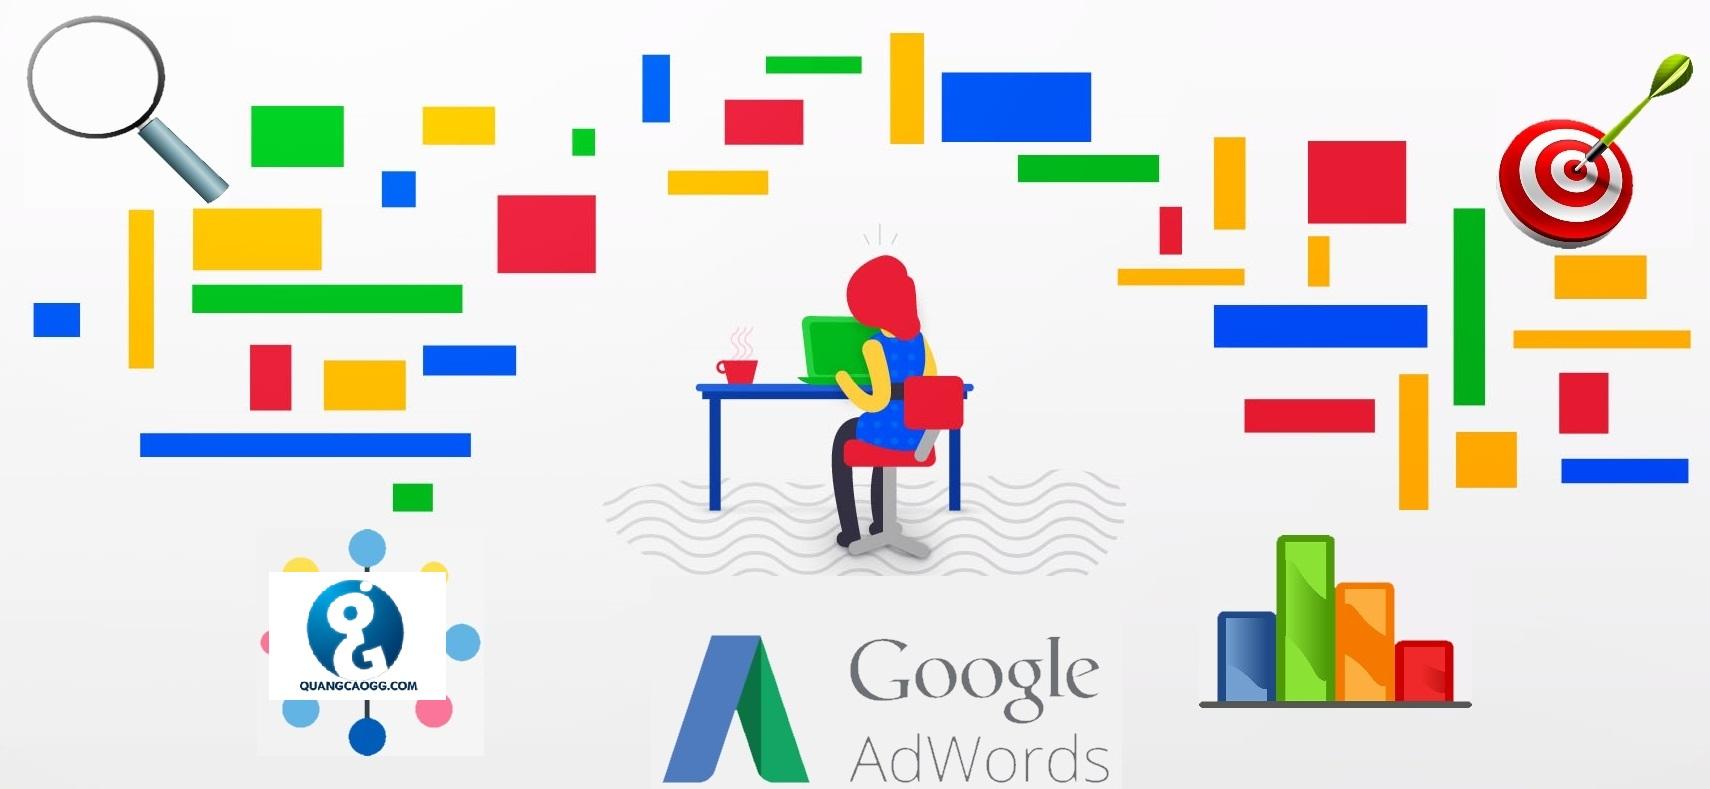 Quảng cáo Google Adwords cần chú ý gì trong  lúc này